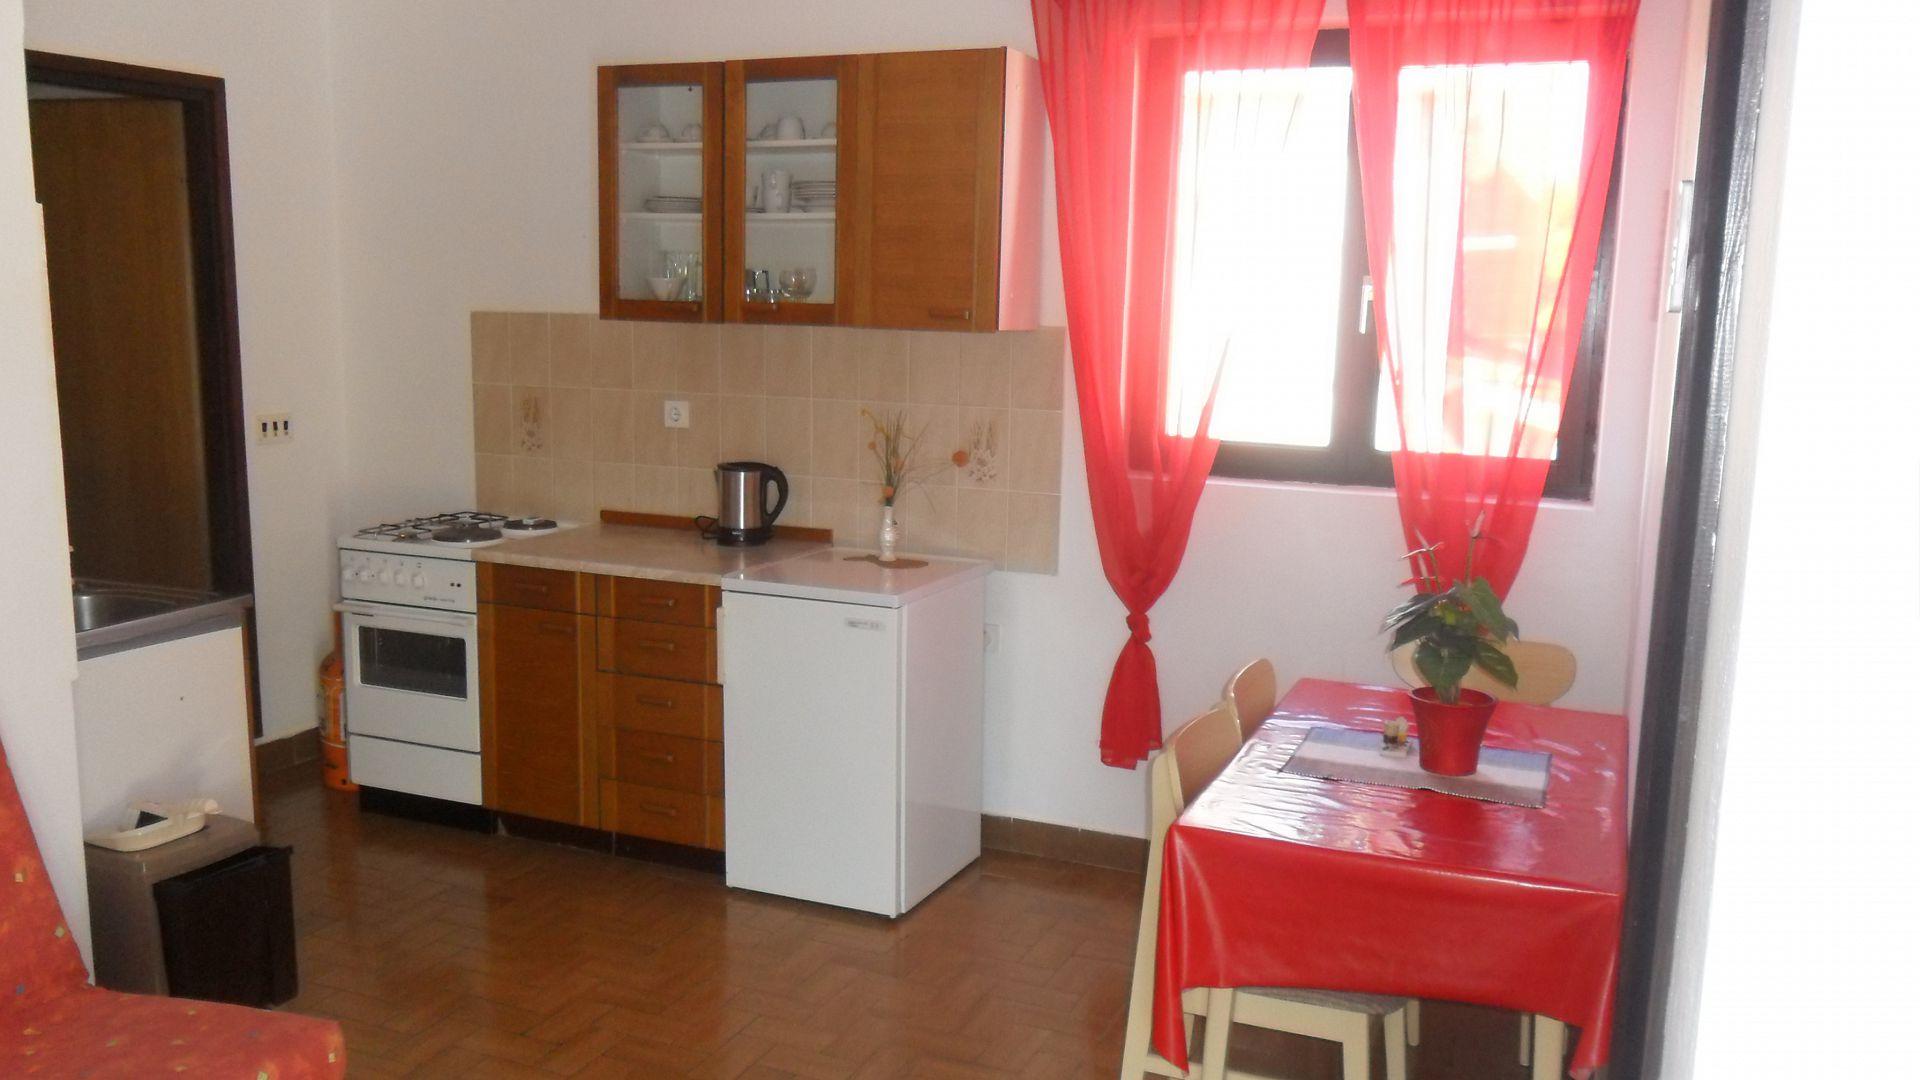 4554 - Drage - Apartmanok Horvátország - A4 gornji(2+2): konyha ebédlővel